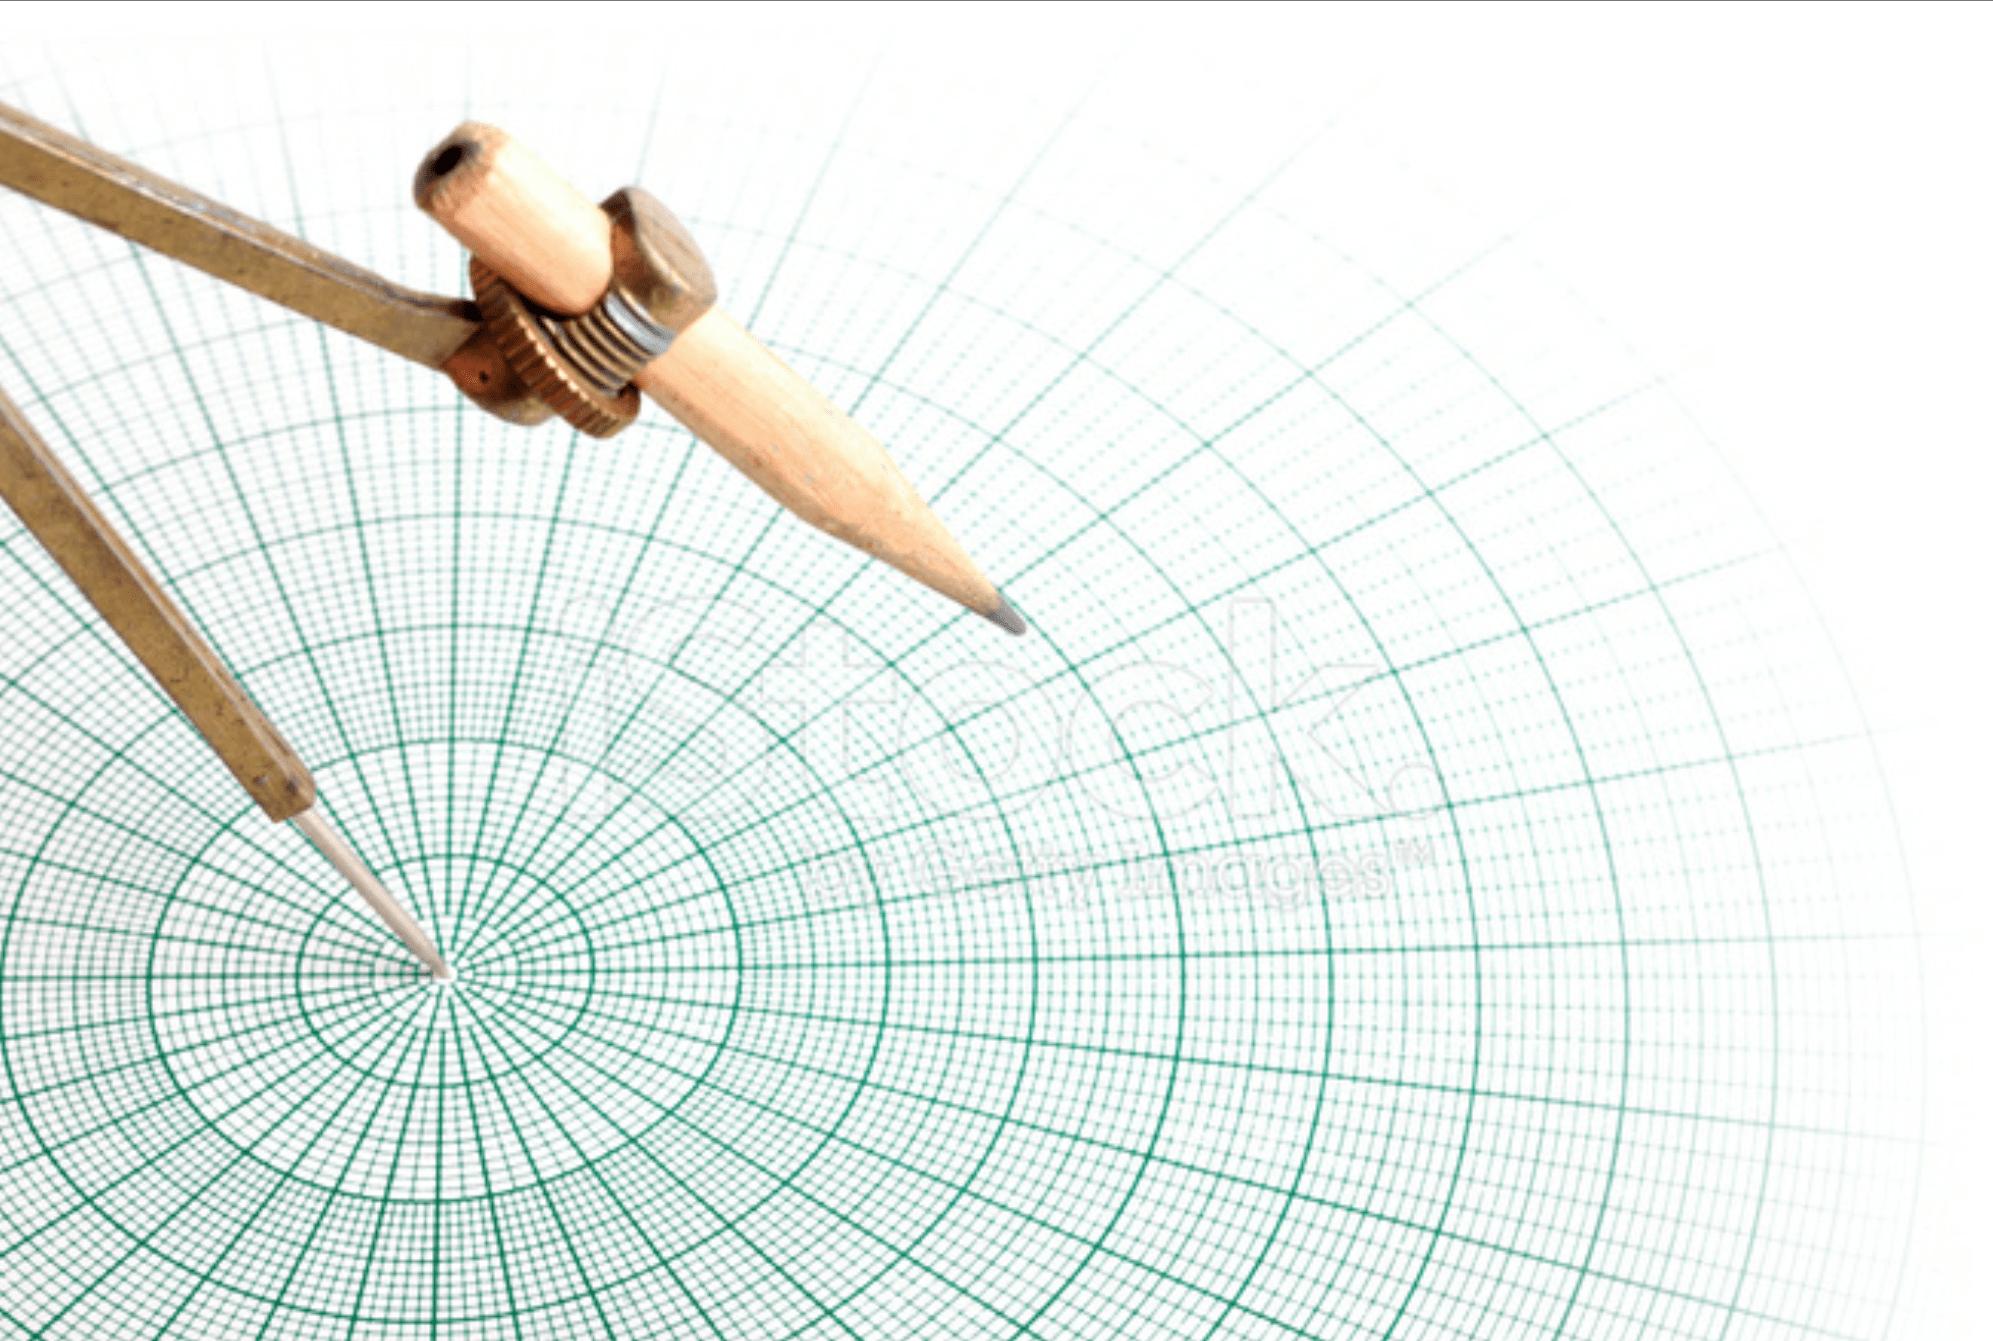 بالصور زخرفة هندسية , اجمل الزخارف الهندسيه الرائعه 5170